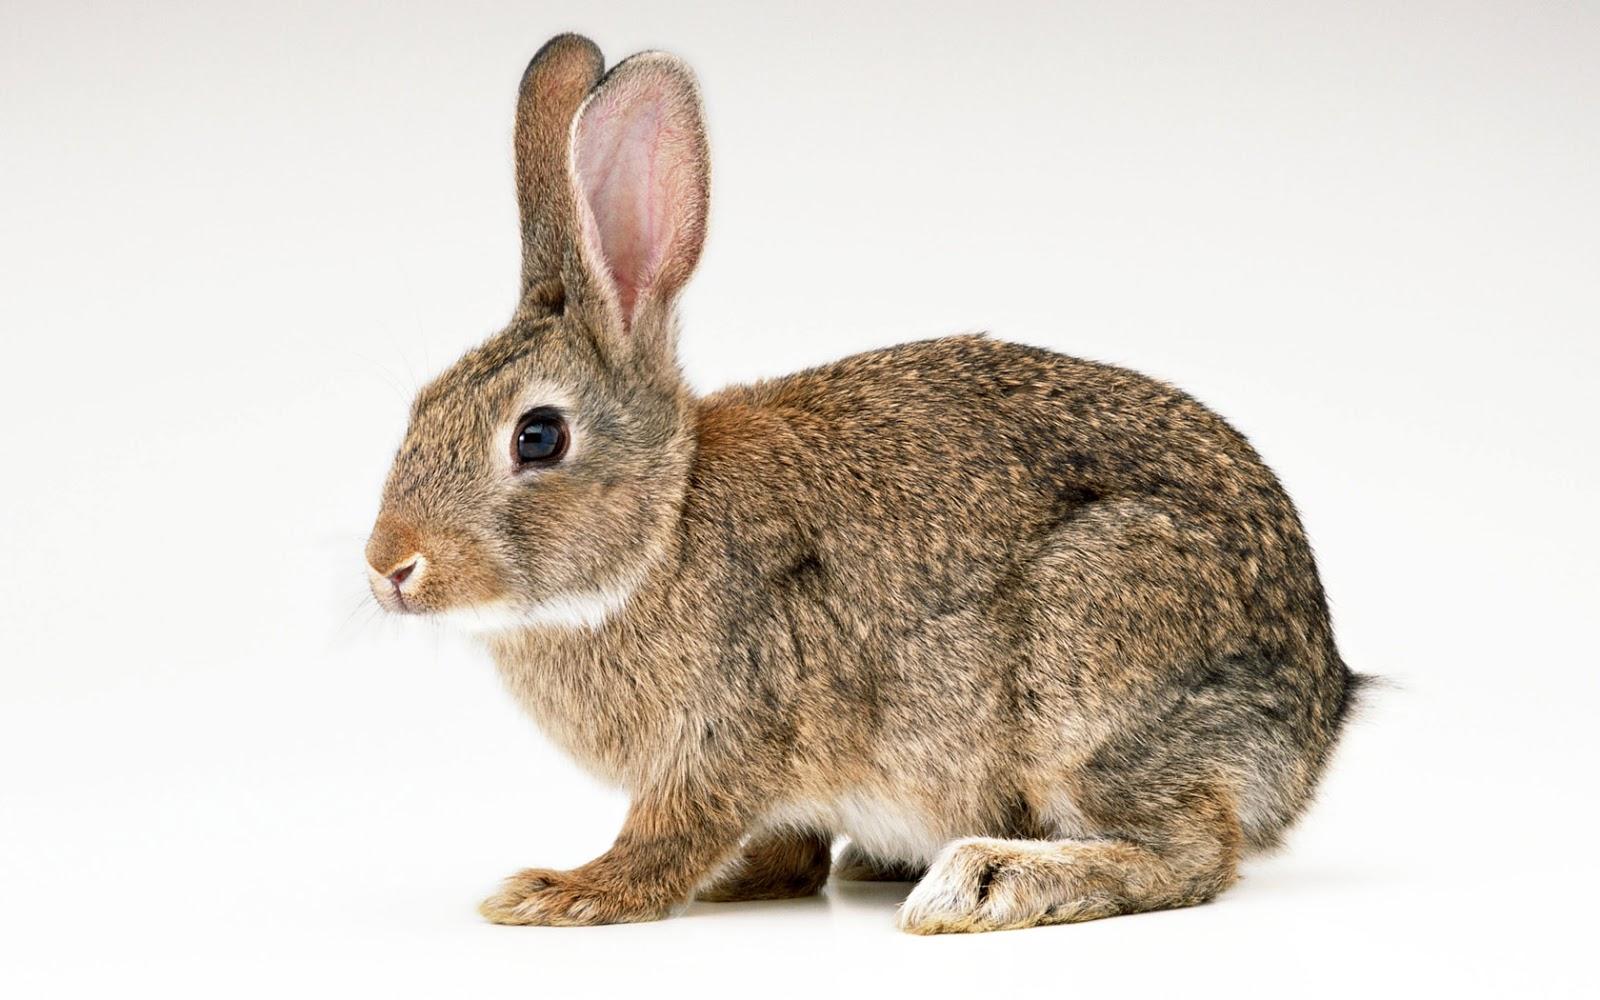 Ճագար: Ամեն ինչ ճագարների մասին